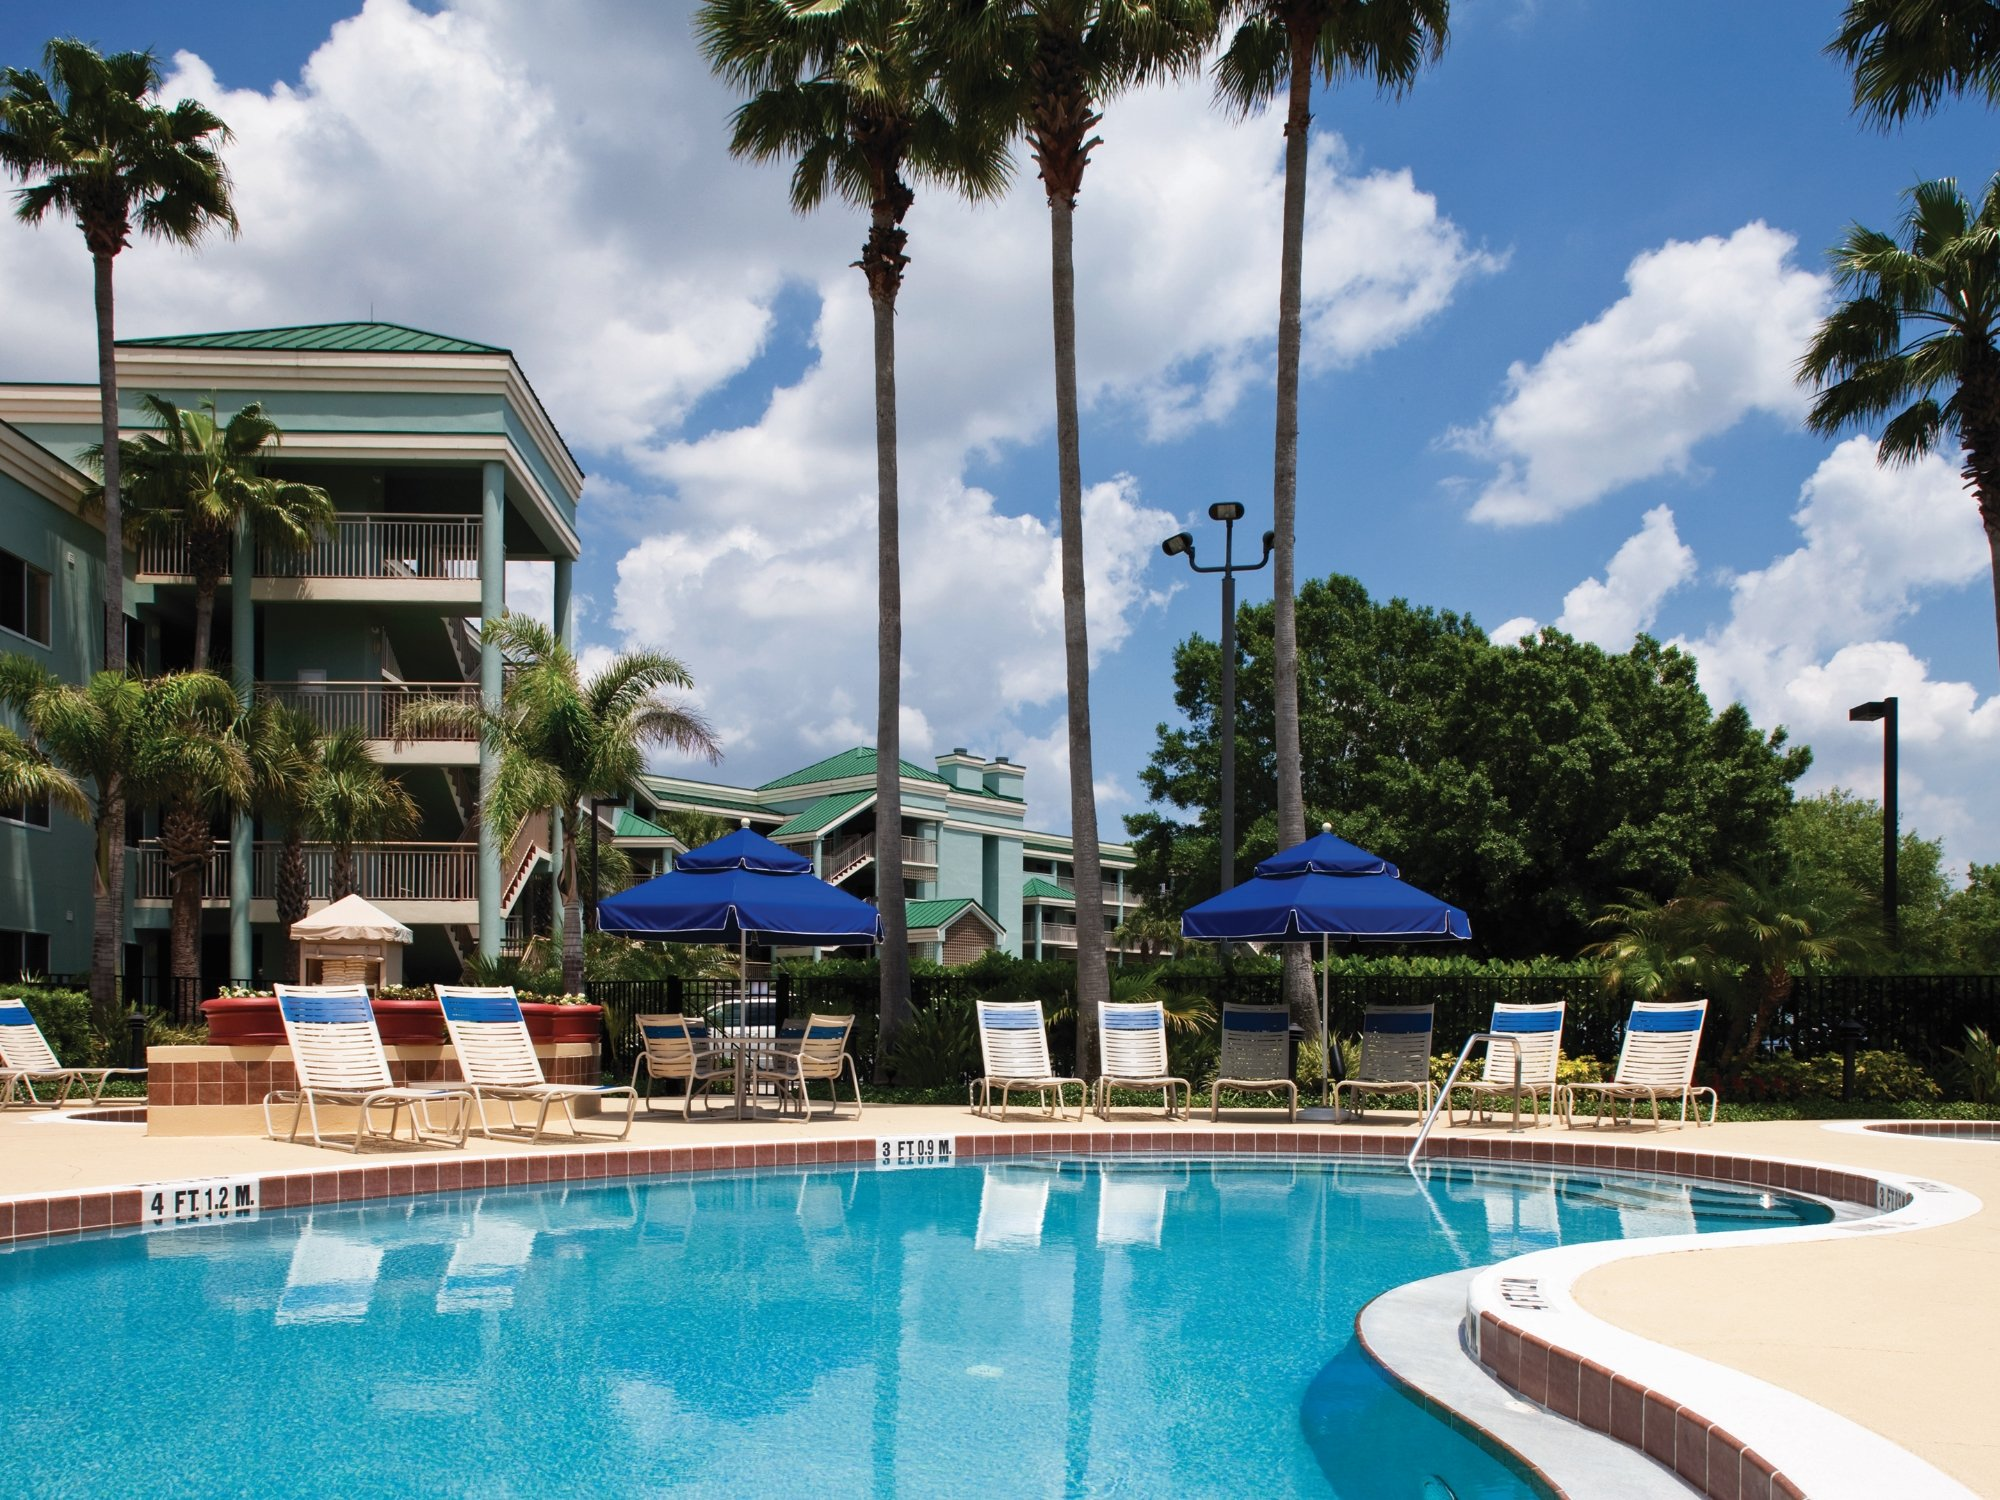 萬豪帝國棕櫚別墅酒店